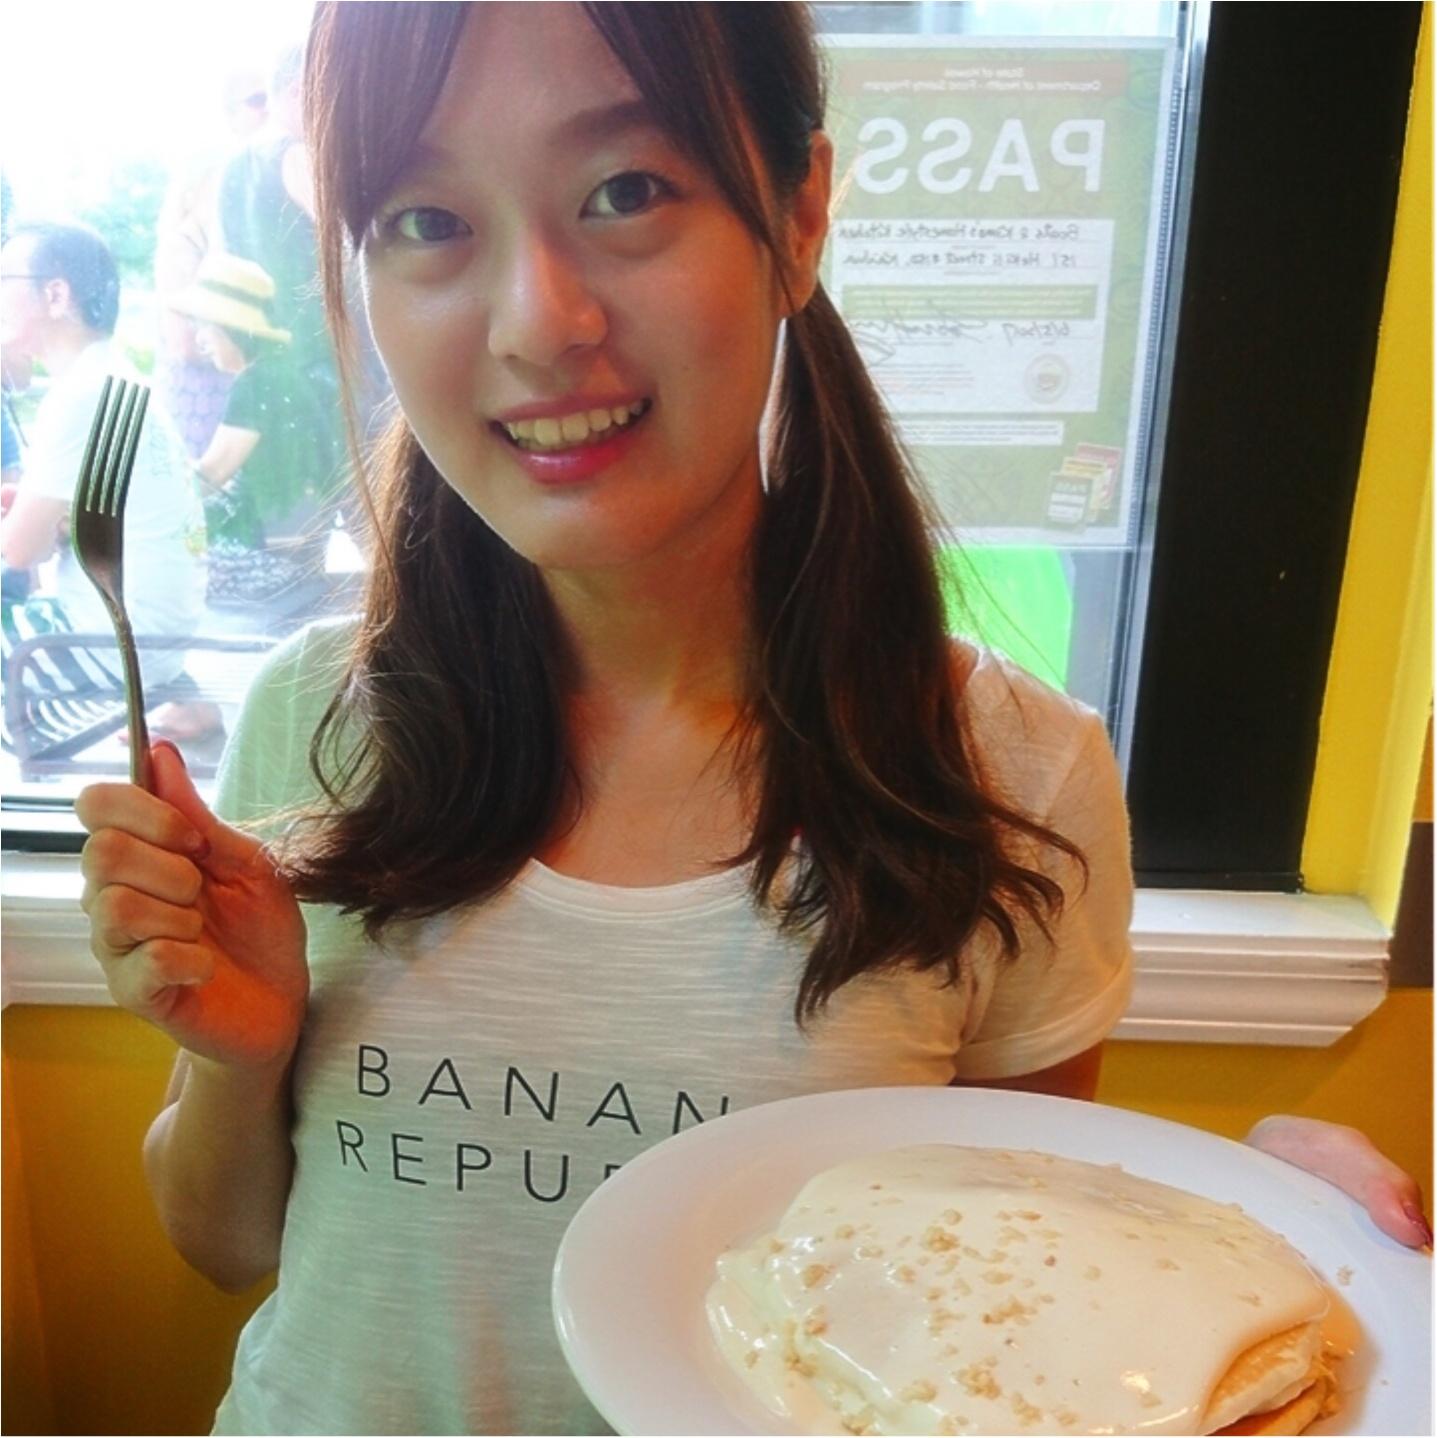 【ハワイ旅②】ハワイへ行ったら絶対食べたいスイーツ編!最新のデザートまでご紹介します♡_7